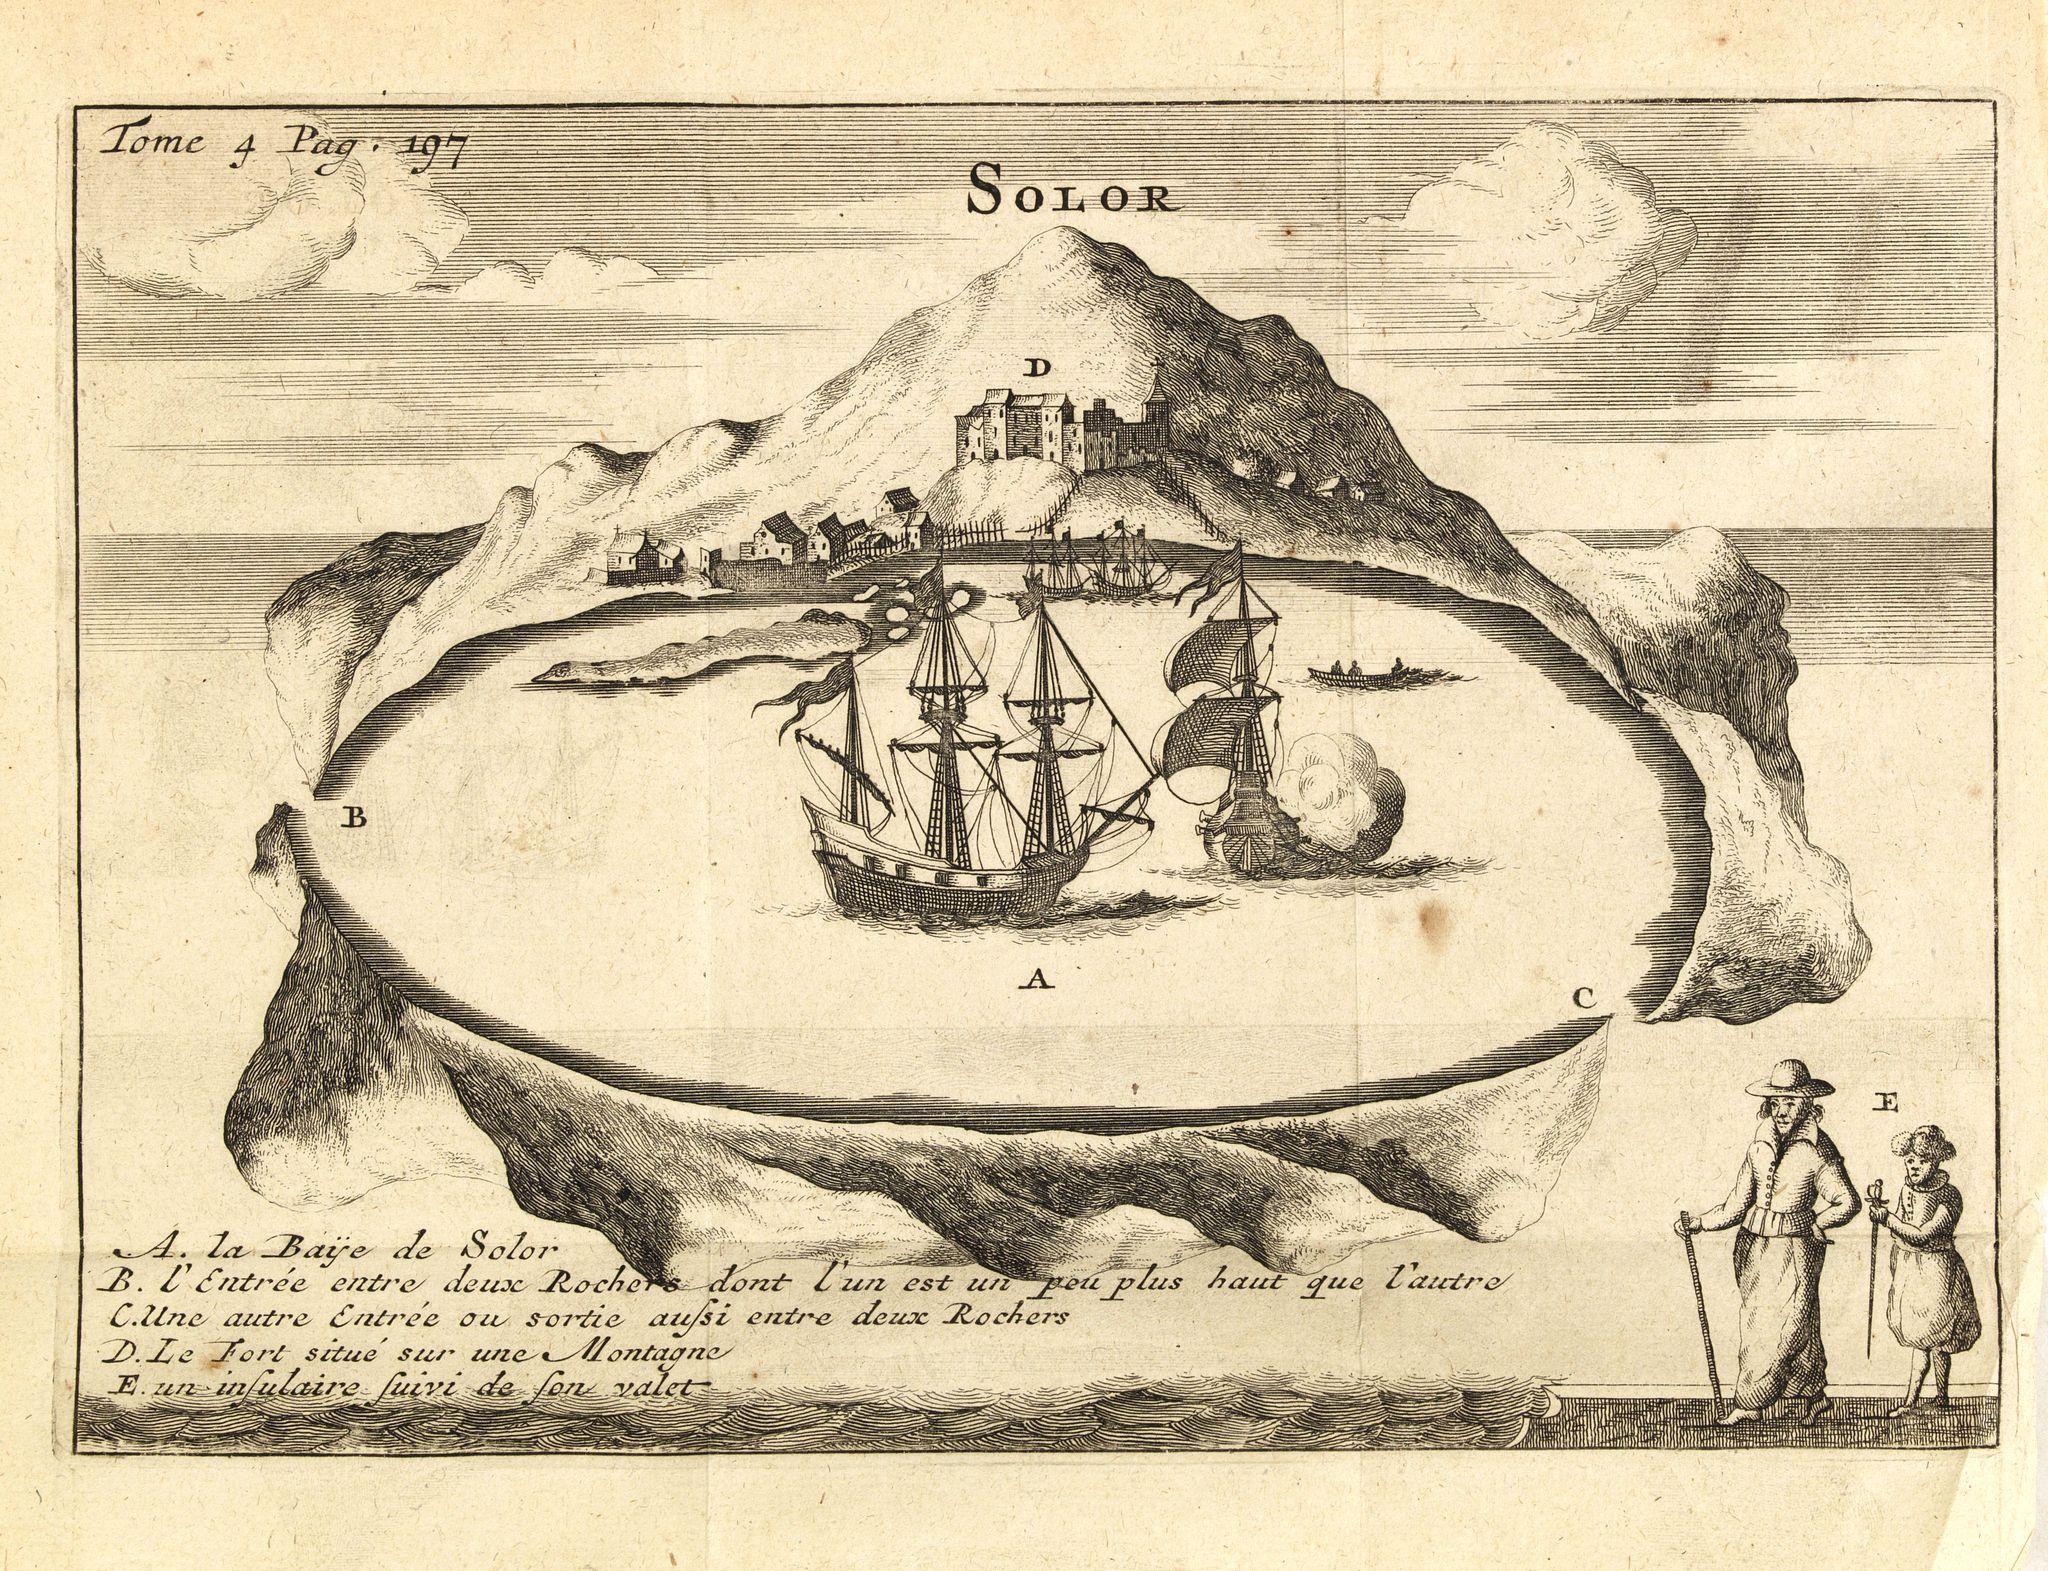 DE RENNEVILLE, R.A.C. -  Solor / A la Baye de Solor.